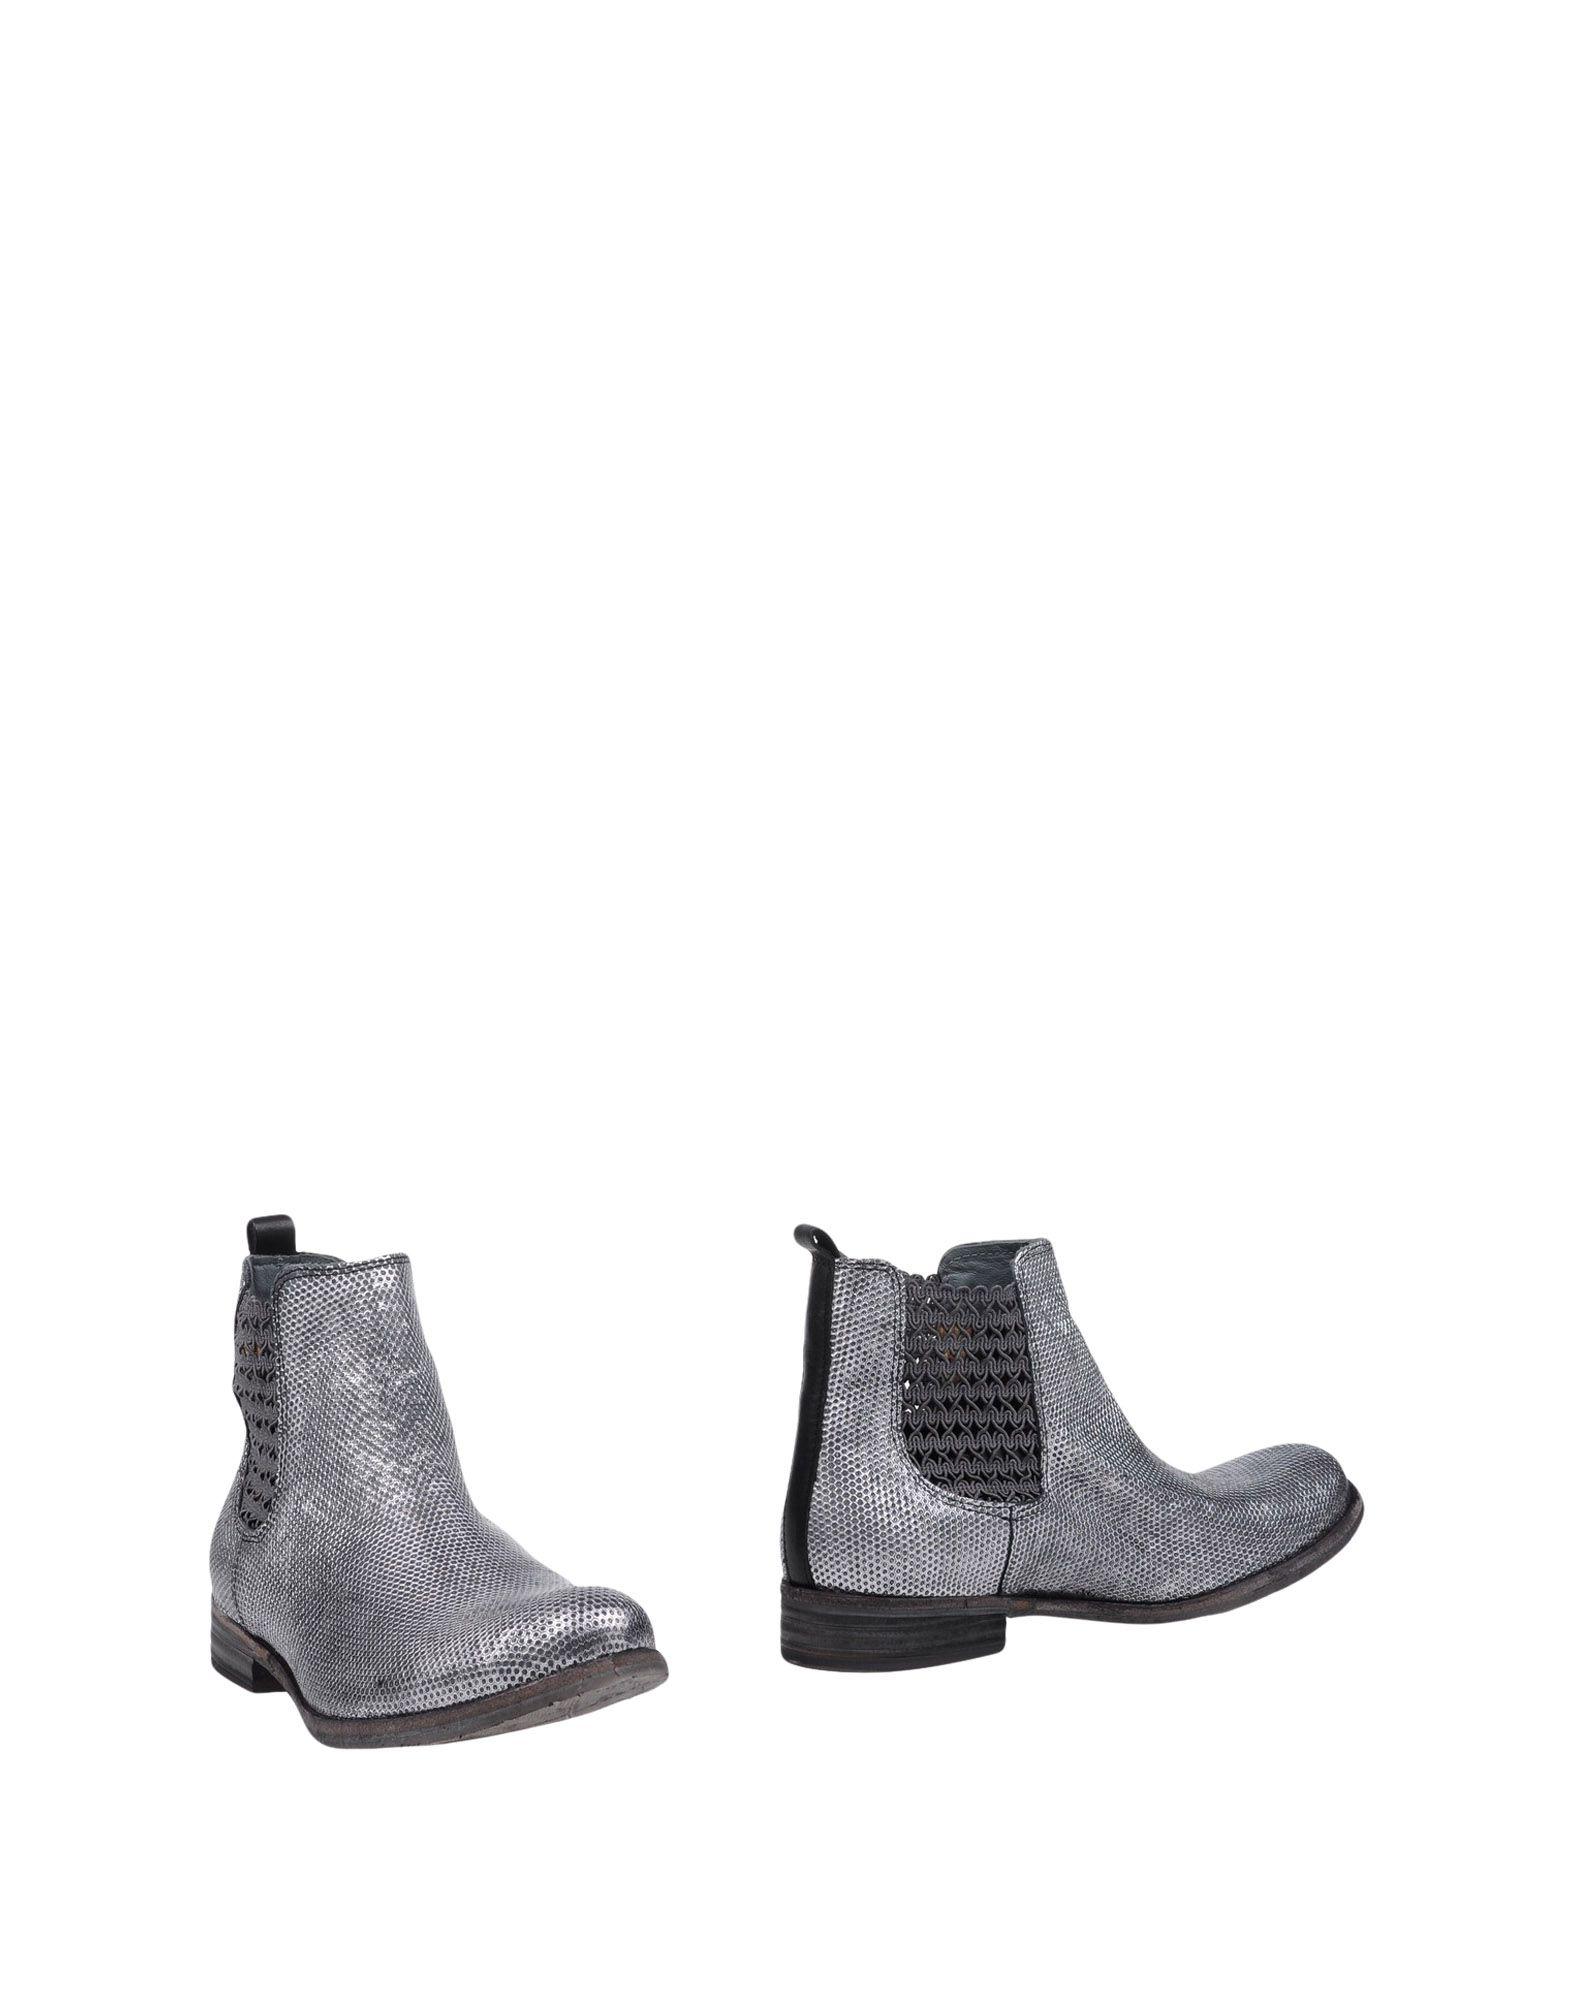 Felmini Chelsea Boots Damen Damen Boots  11368075HX Gute Qualität beliebte Schuhe 46305b